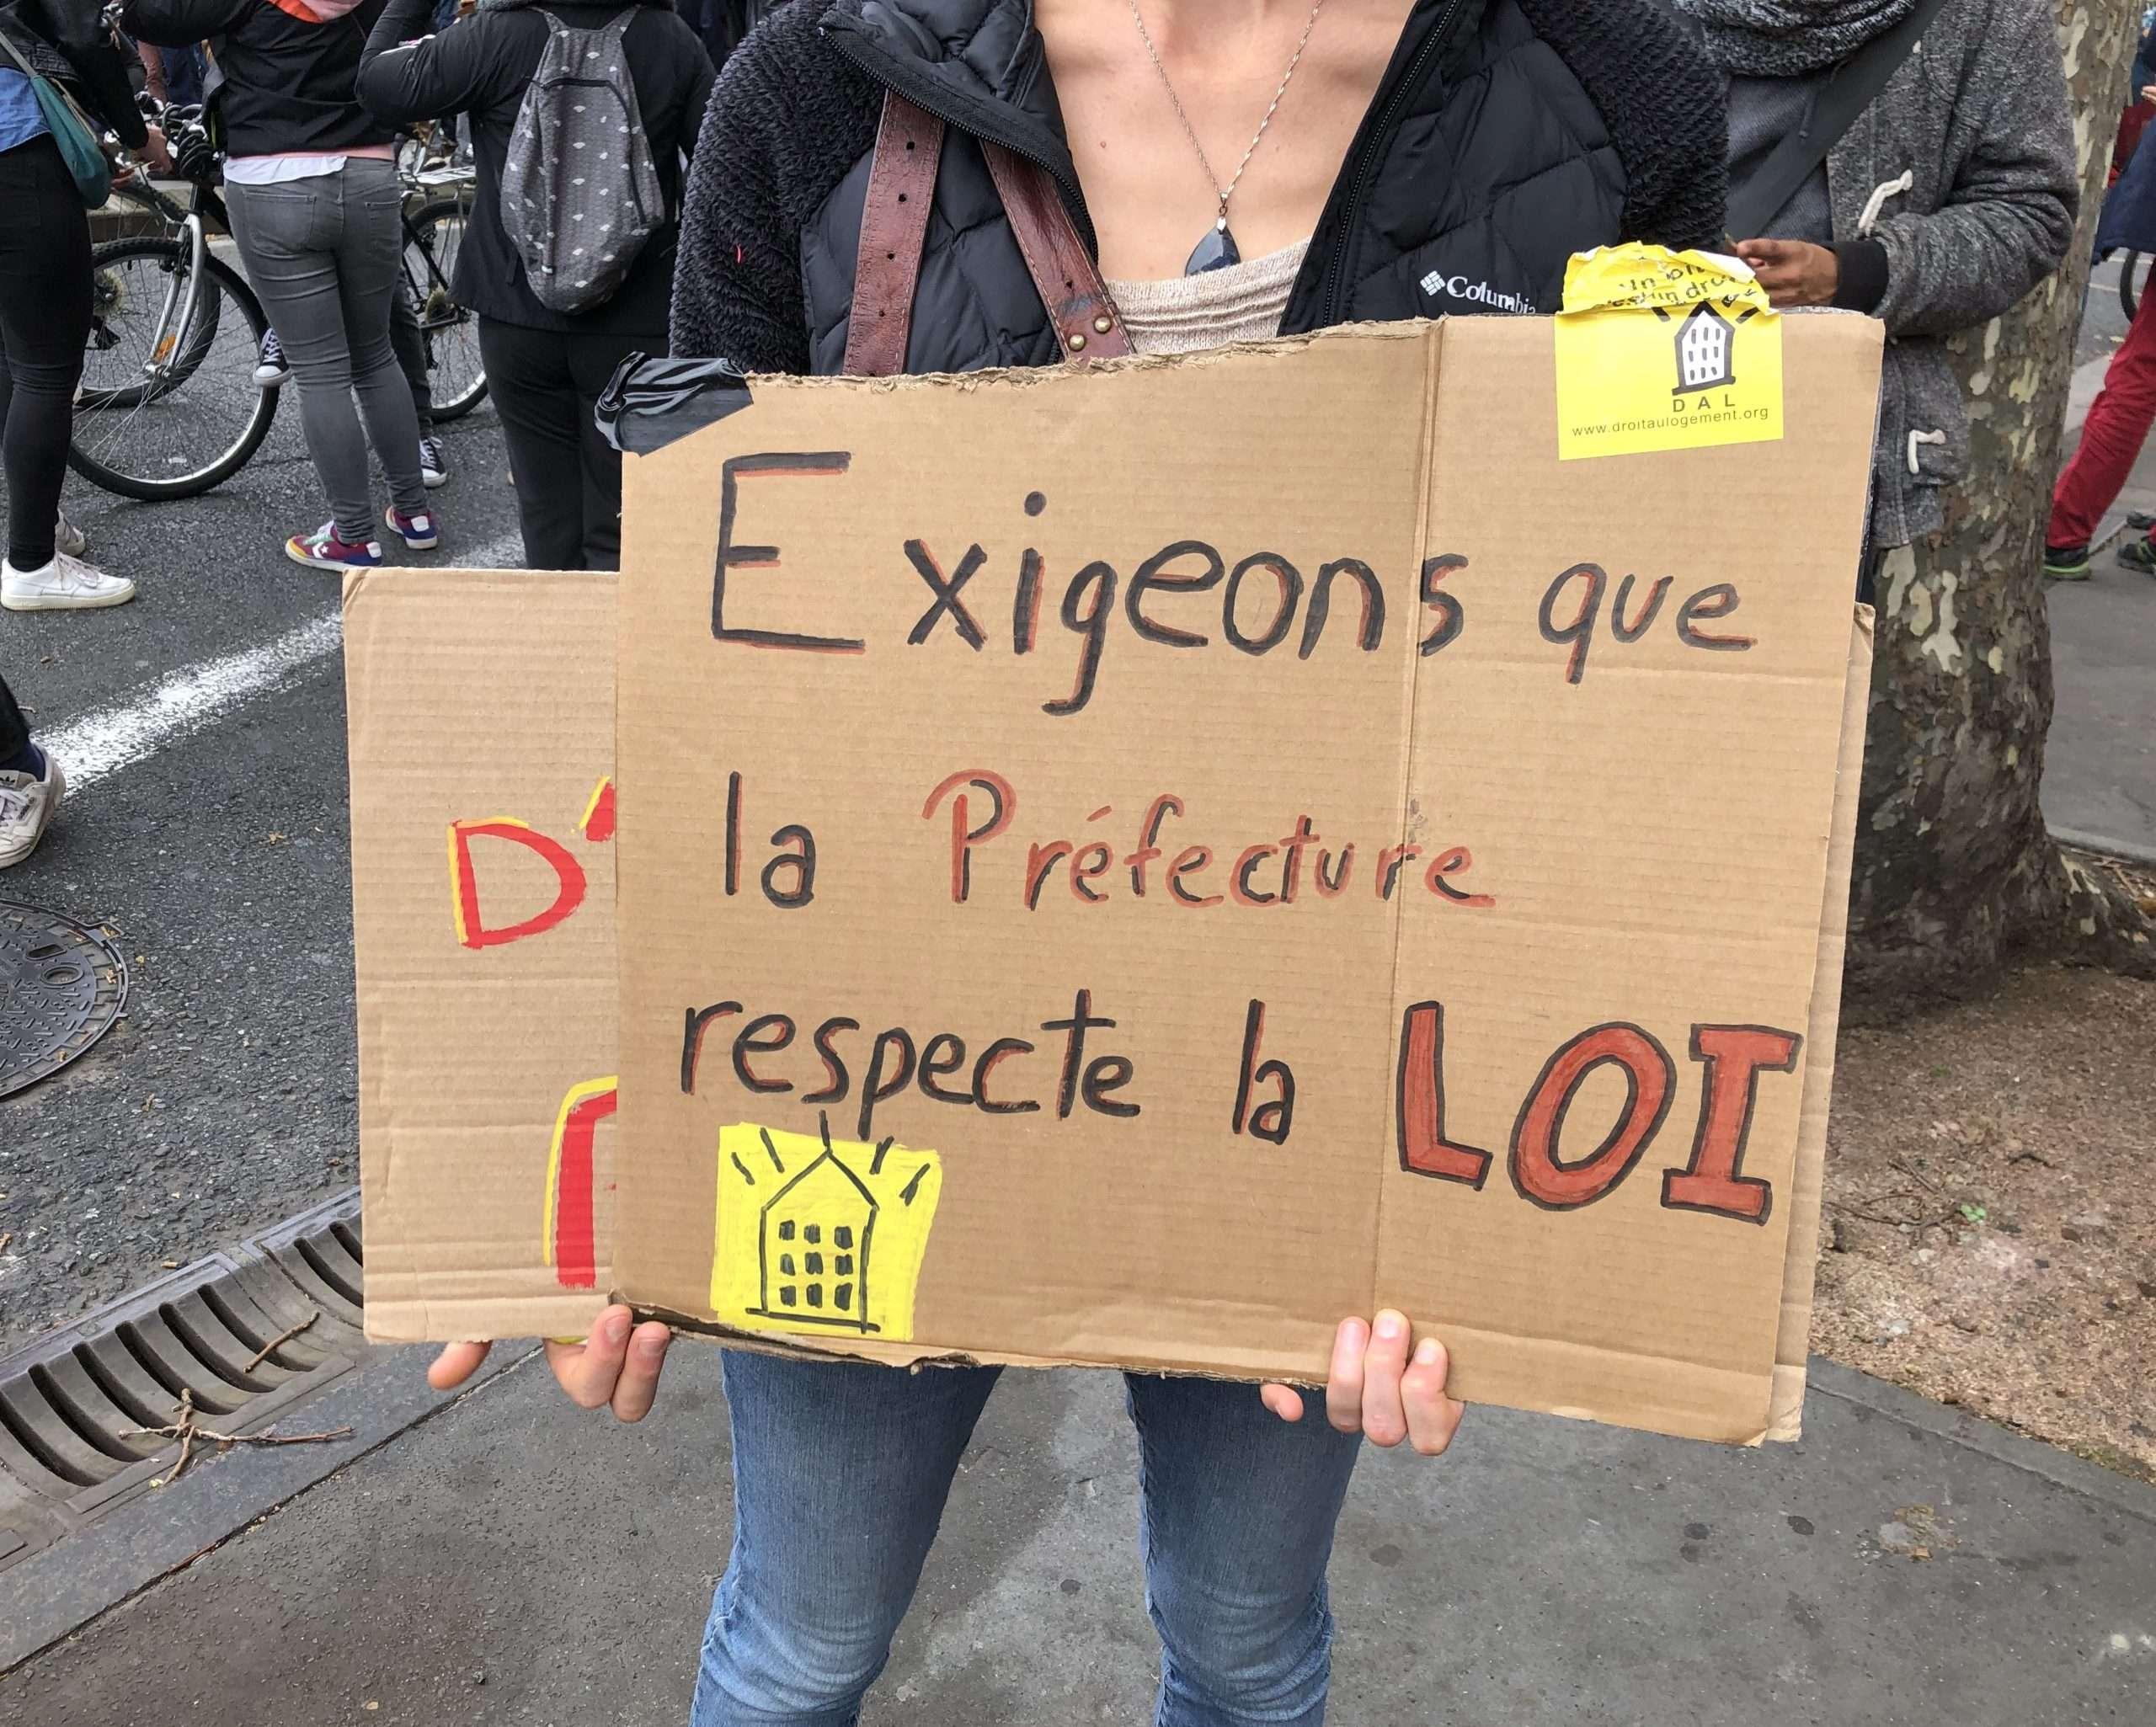 L'association du droit au logement (DAL31) était présente à la manifestation du 7 novembre à Toulouse. Photographie : Auriane Duroch-Barrier pour Radio Parleur